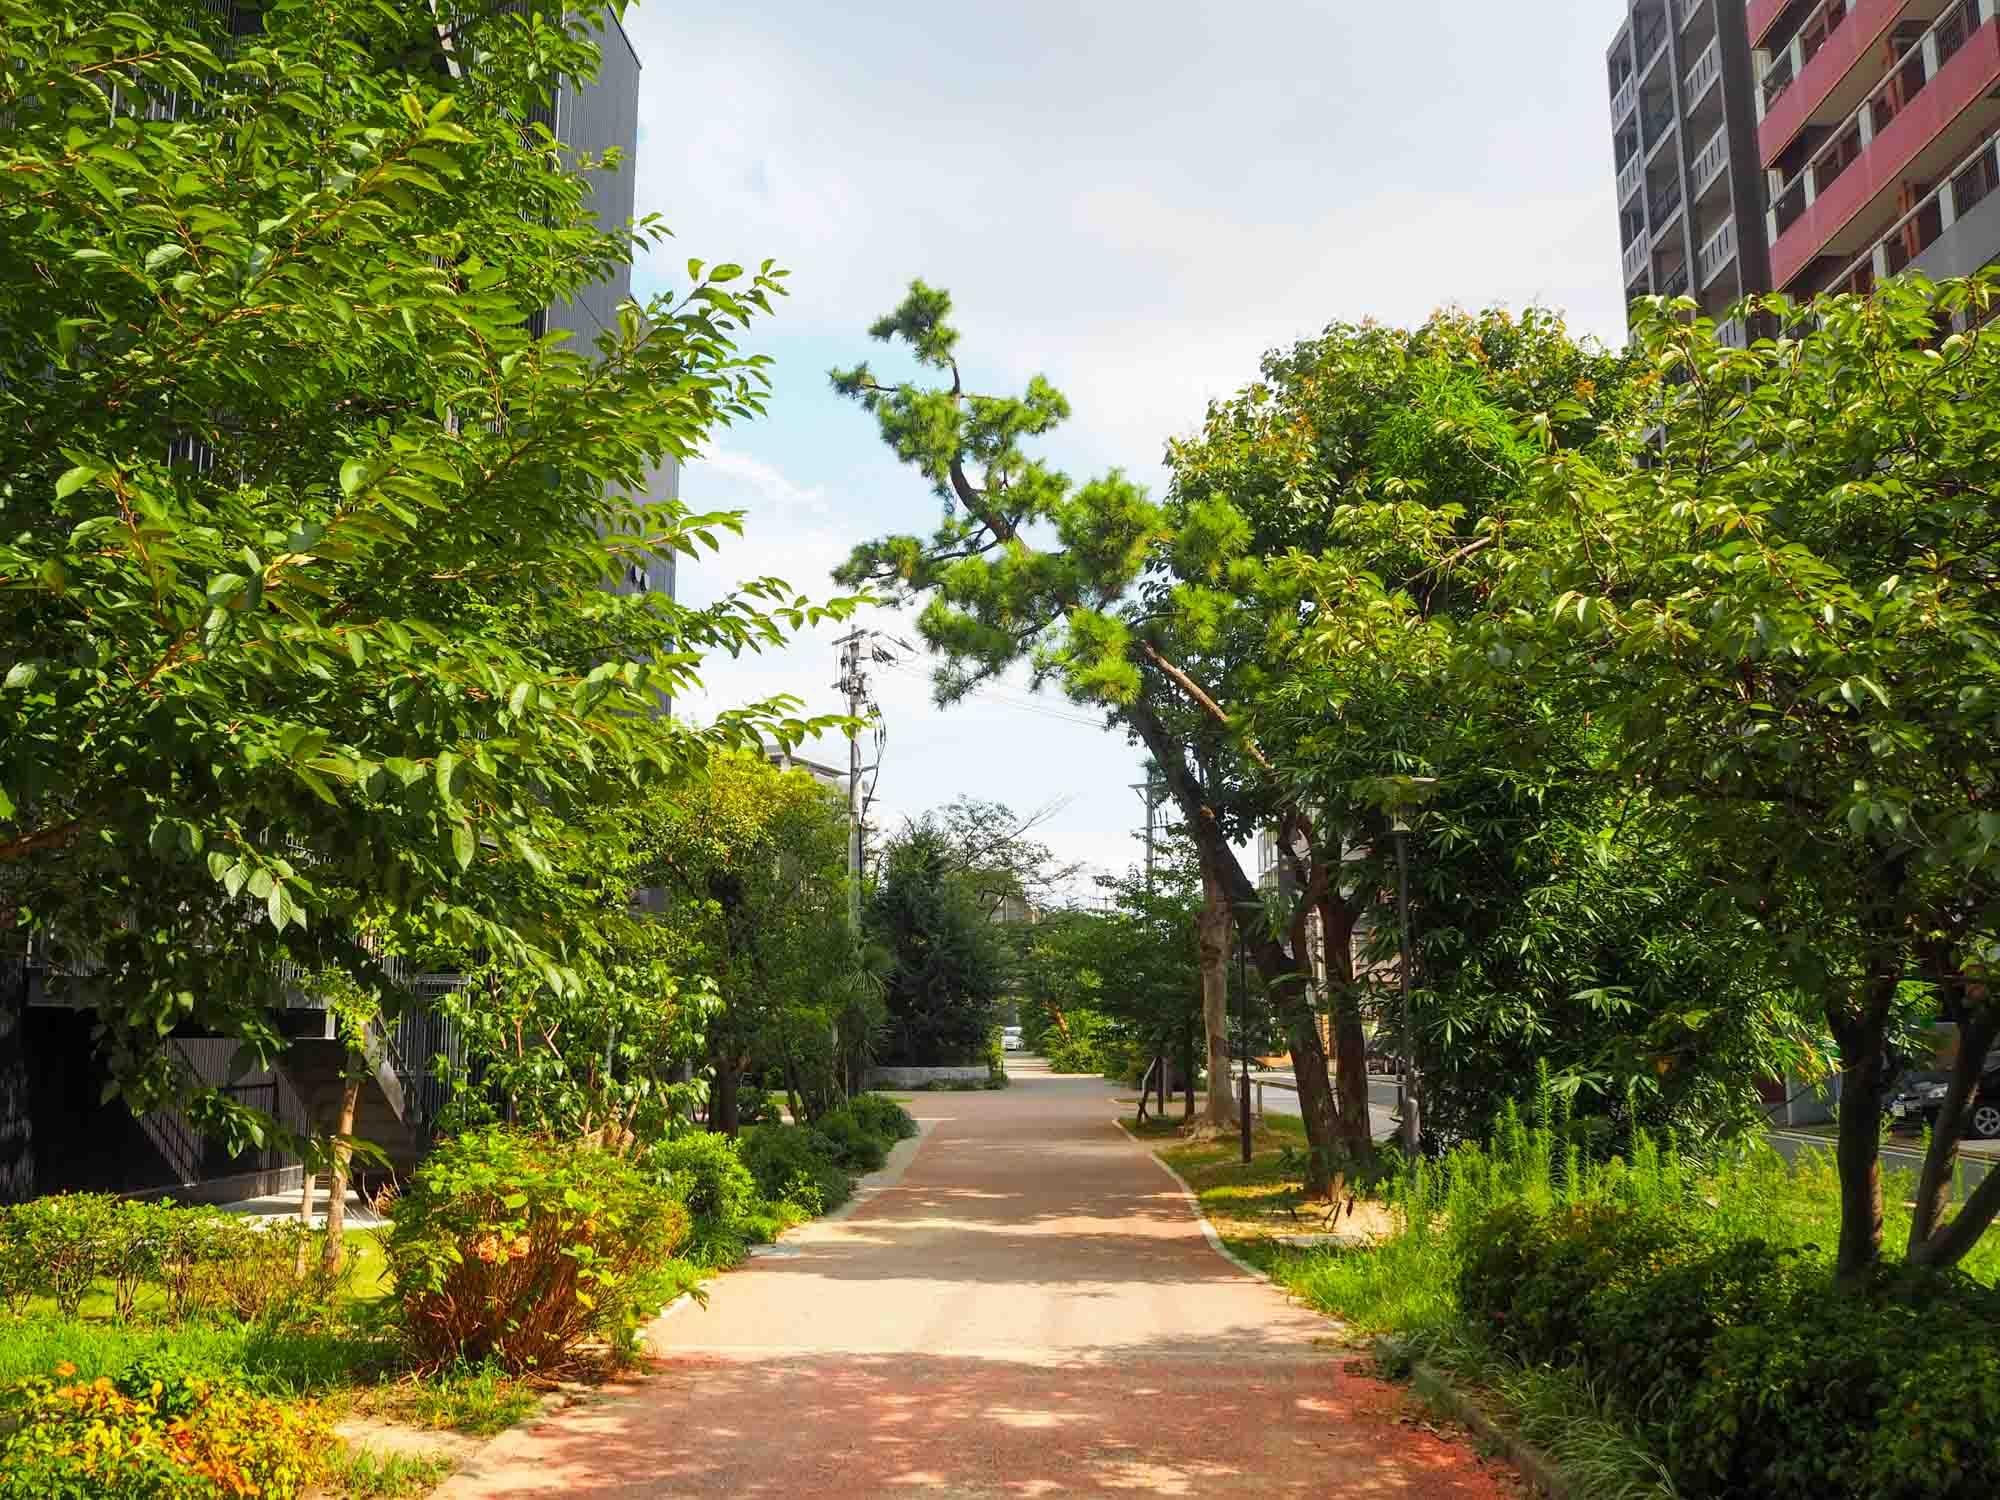 高層マンションの建ち並ぶ街の裏側には、こんなふうに穏やかな緑道も残る六本松。自転車でのお散歩が楽しいですよ。